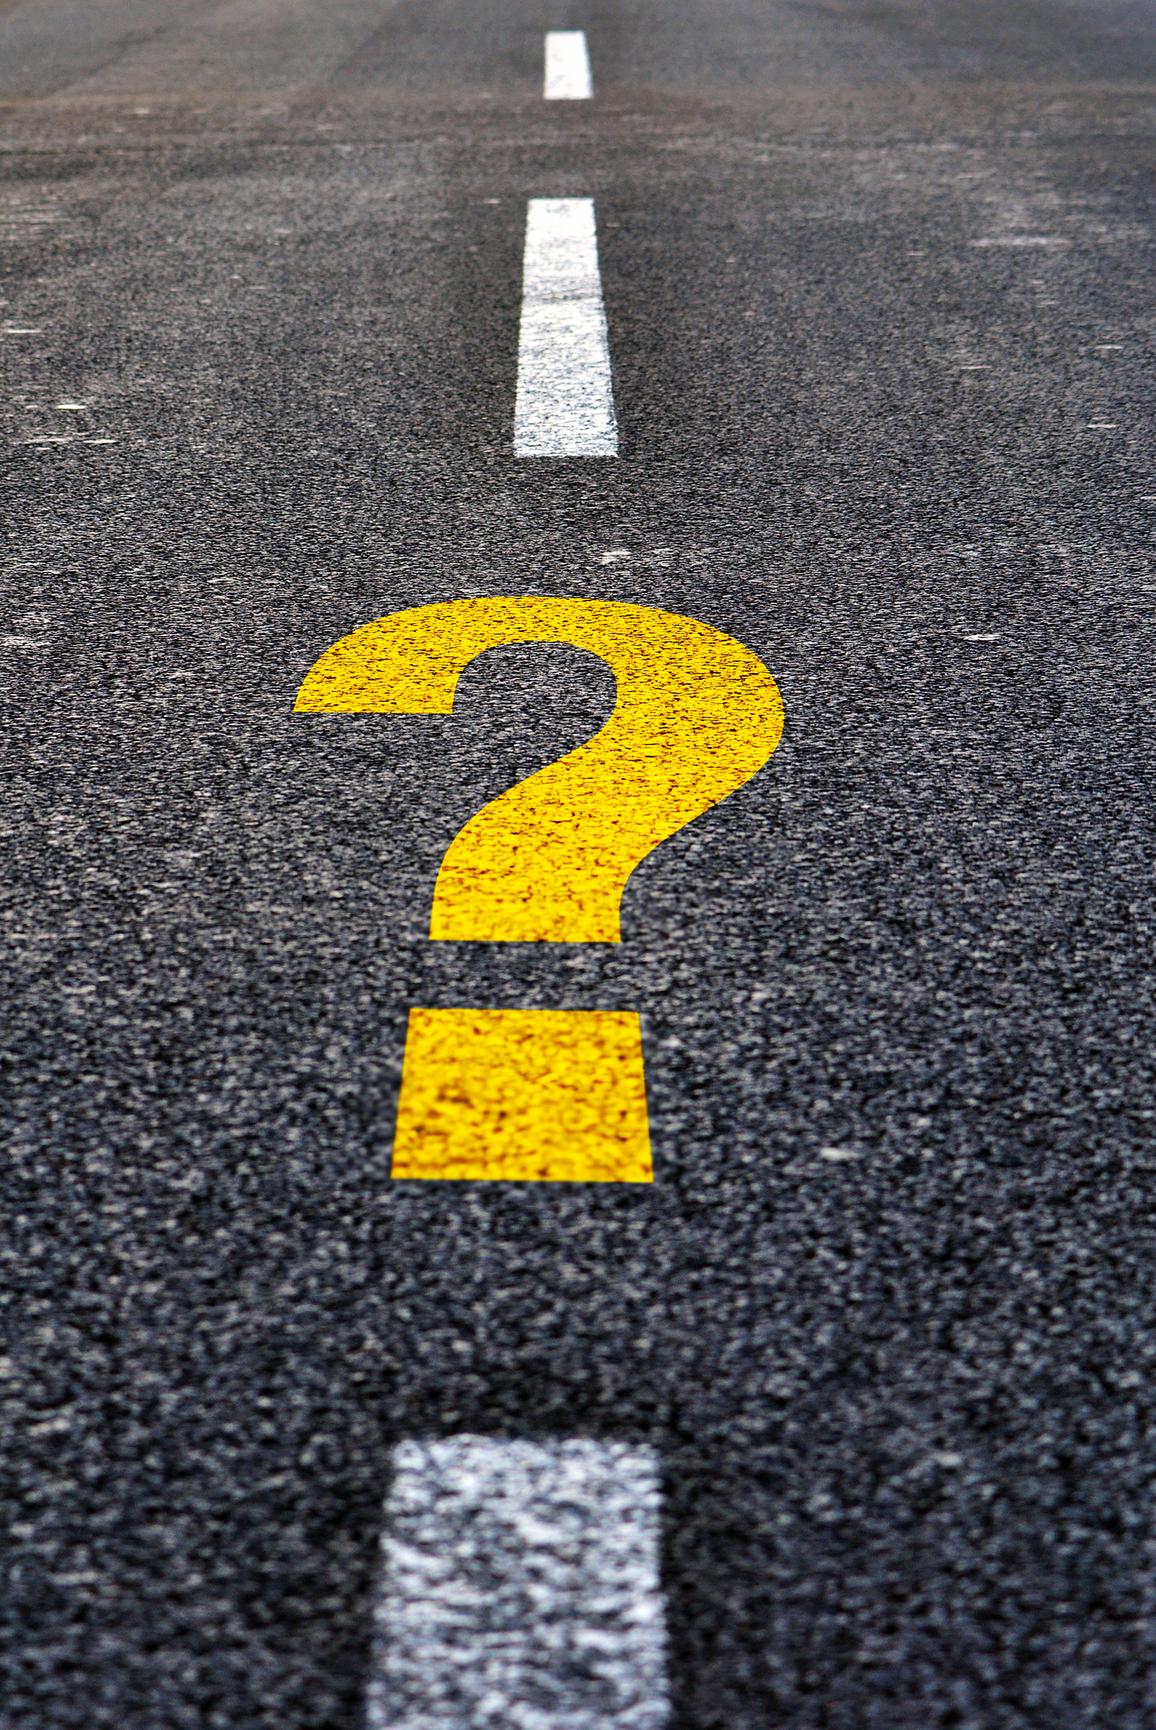 Question mark drawn on a black asphalt road